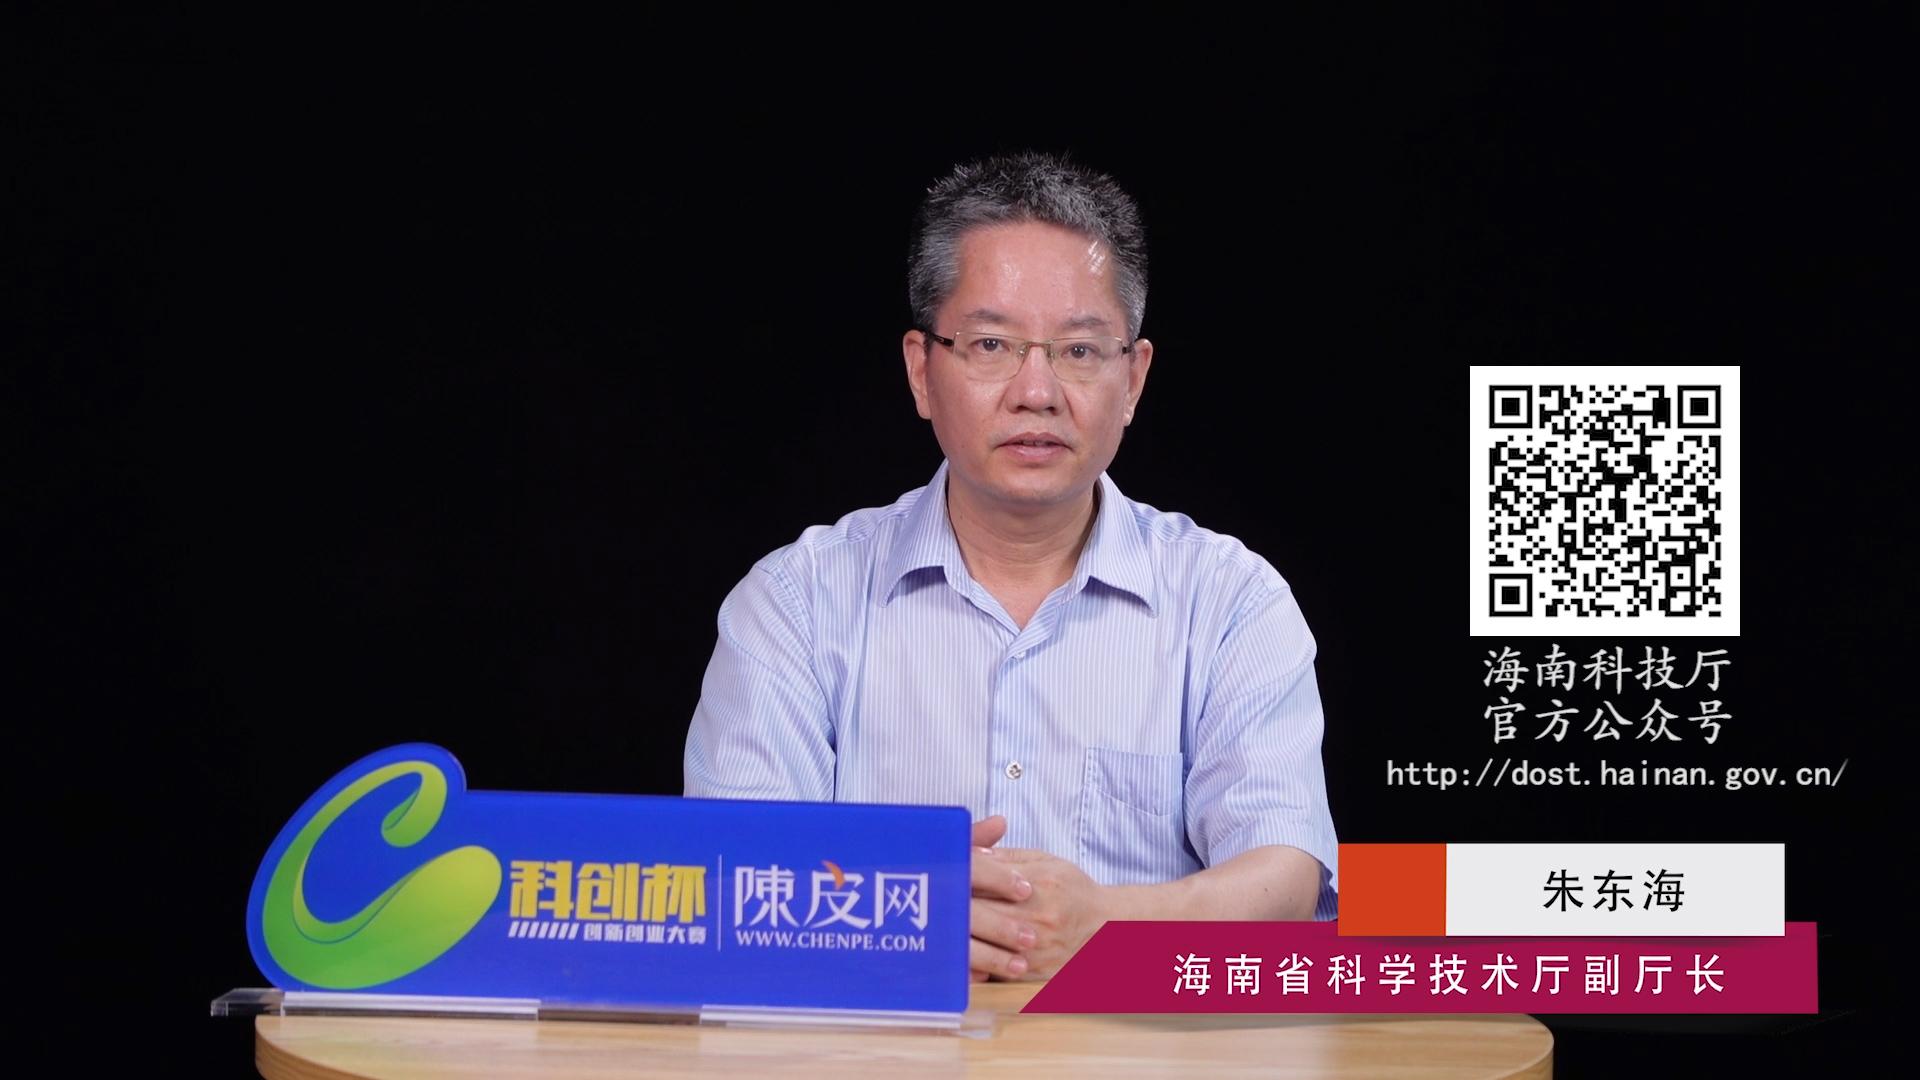 创业进行时 | 科创零距离,省科技厅副厅长朱东海莅临《创业进行时》